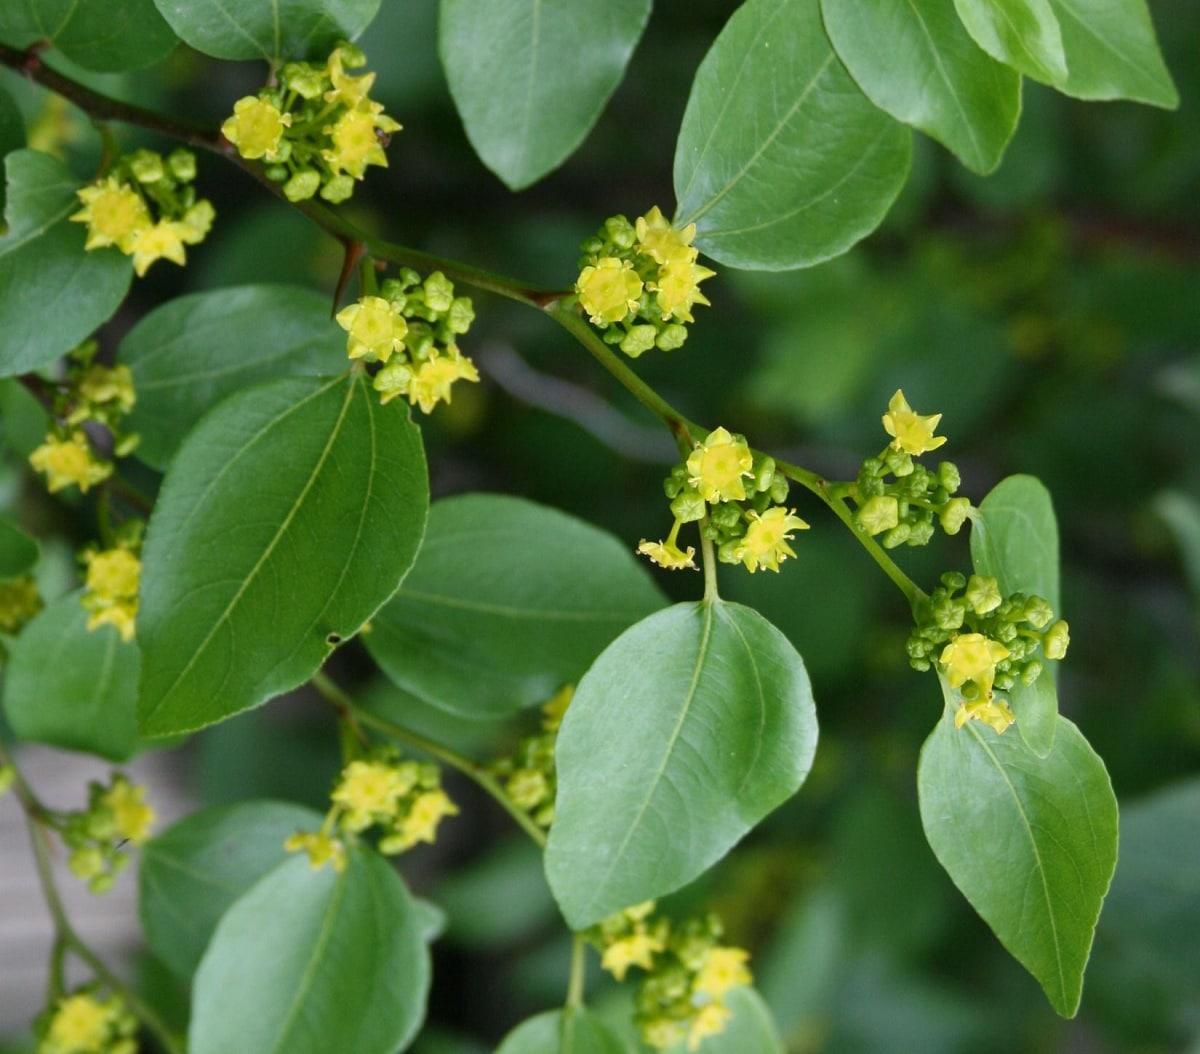 paliurus spina-christi hojas